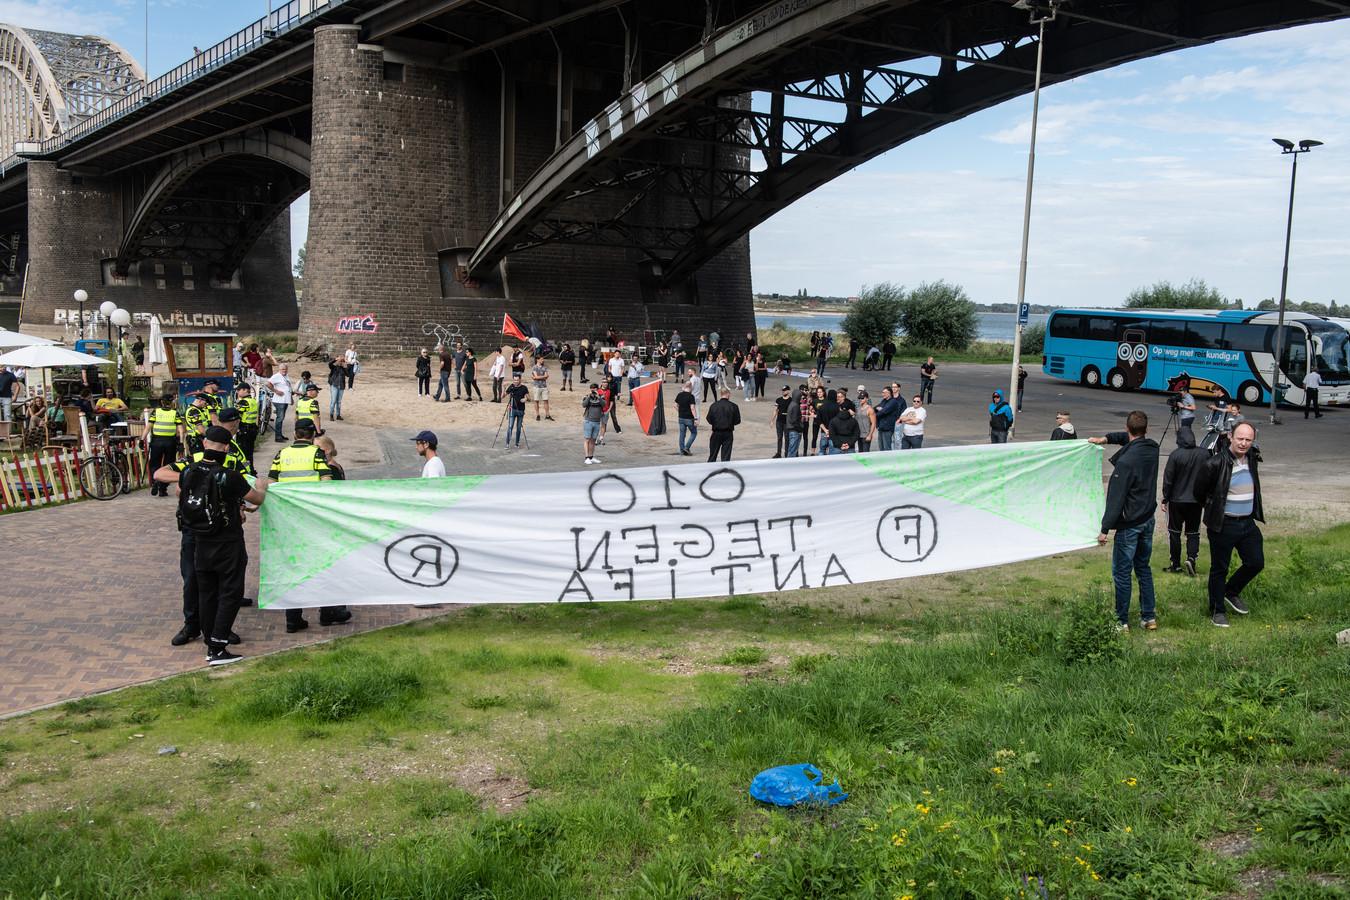 Onder de Waalbrug kwam het dit weekend even kort tot een clash tussen rechts en links.